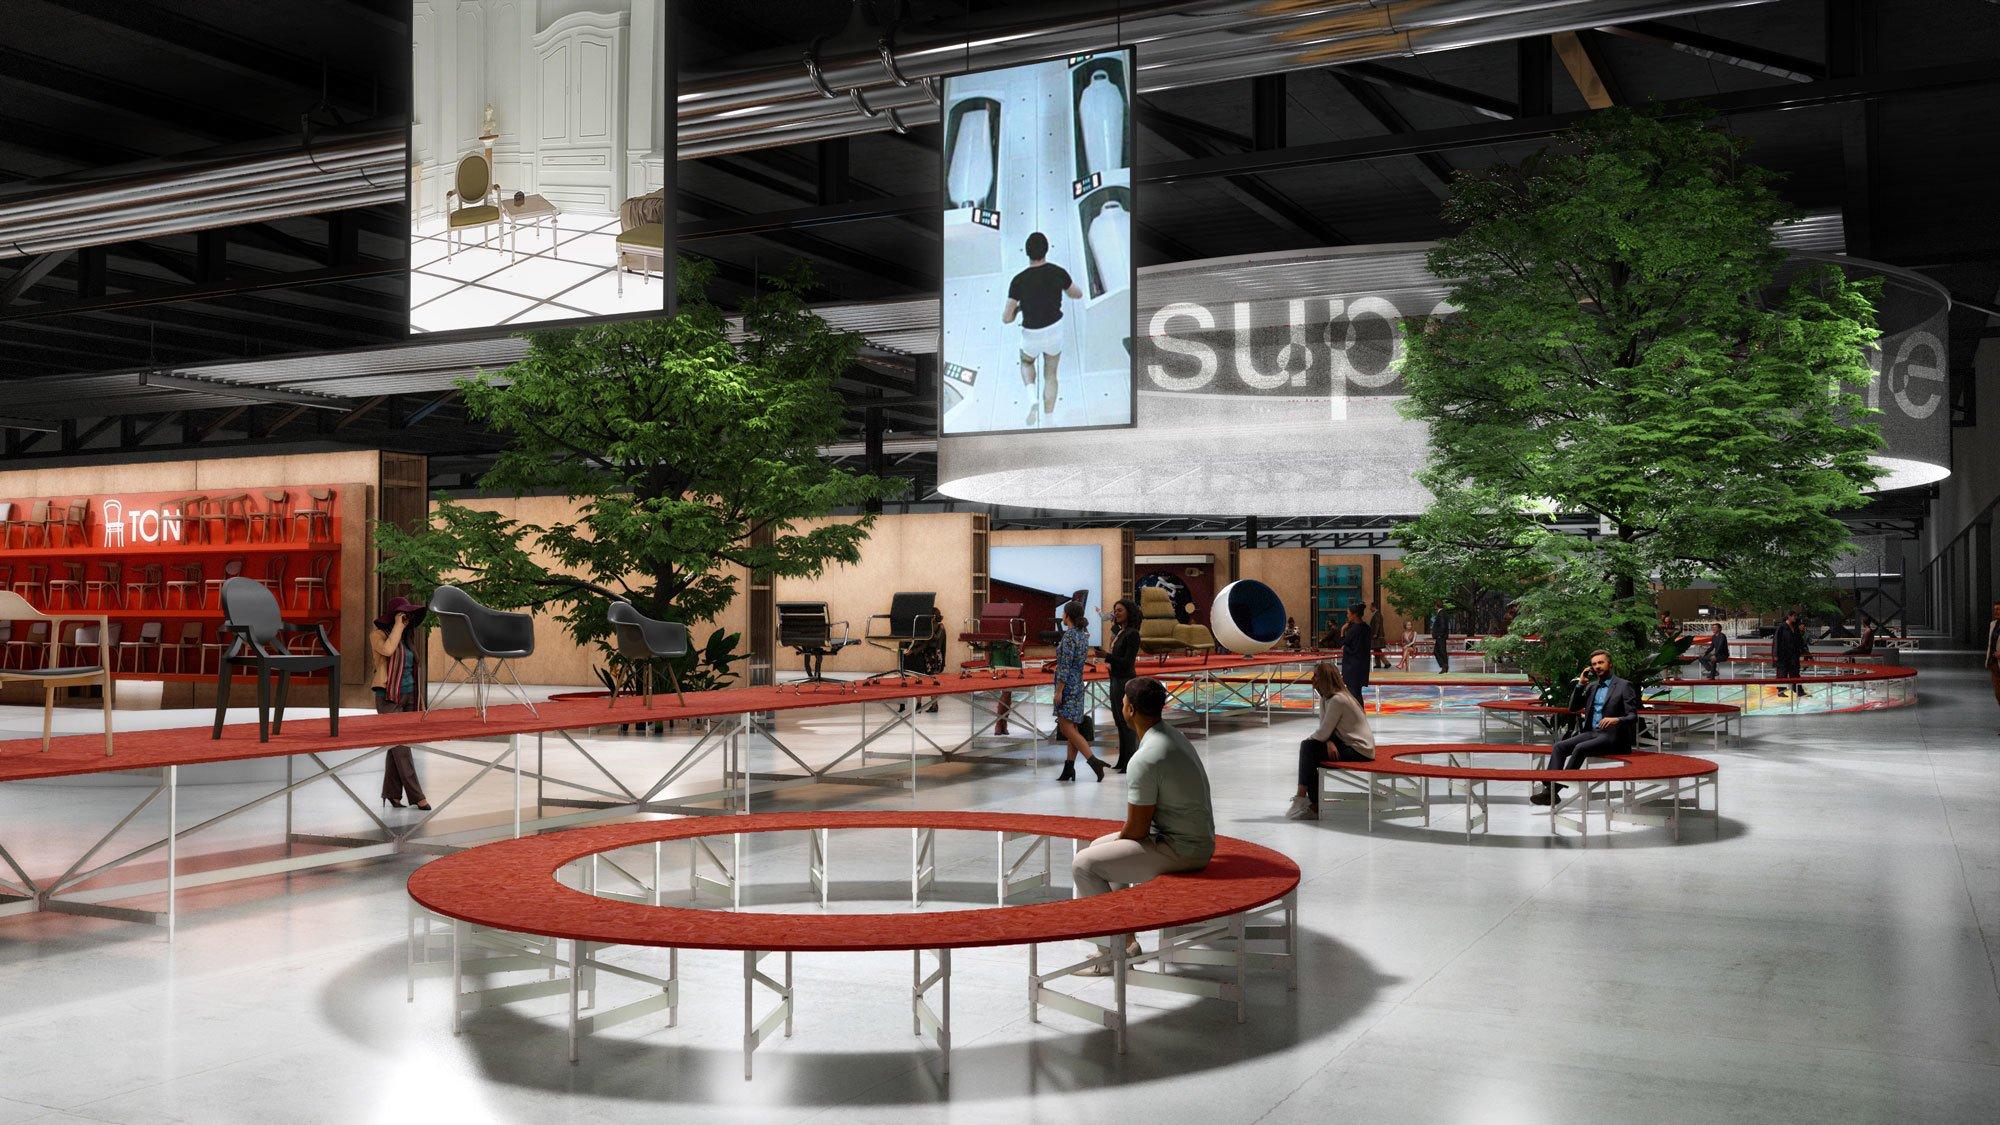 """Auf dem Supersalone wird Three+One für die Gestaltung der """"social spaces"""" der Messe verwendet: Orte zum Ausruhen oder Business Lounges, Food Courts und Magazinstände. Visualisierung: iSaloni"""